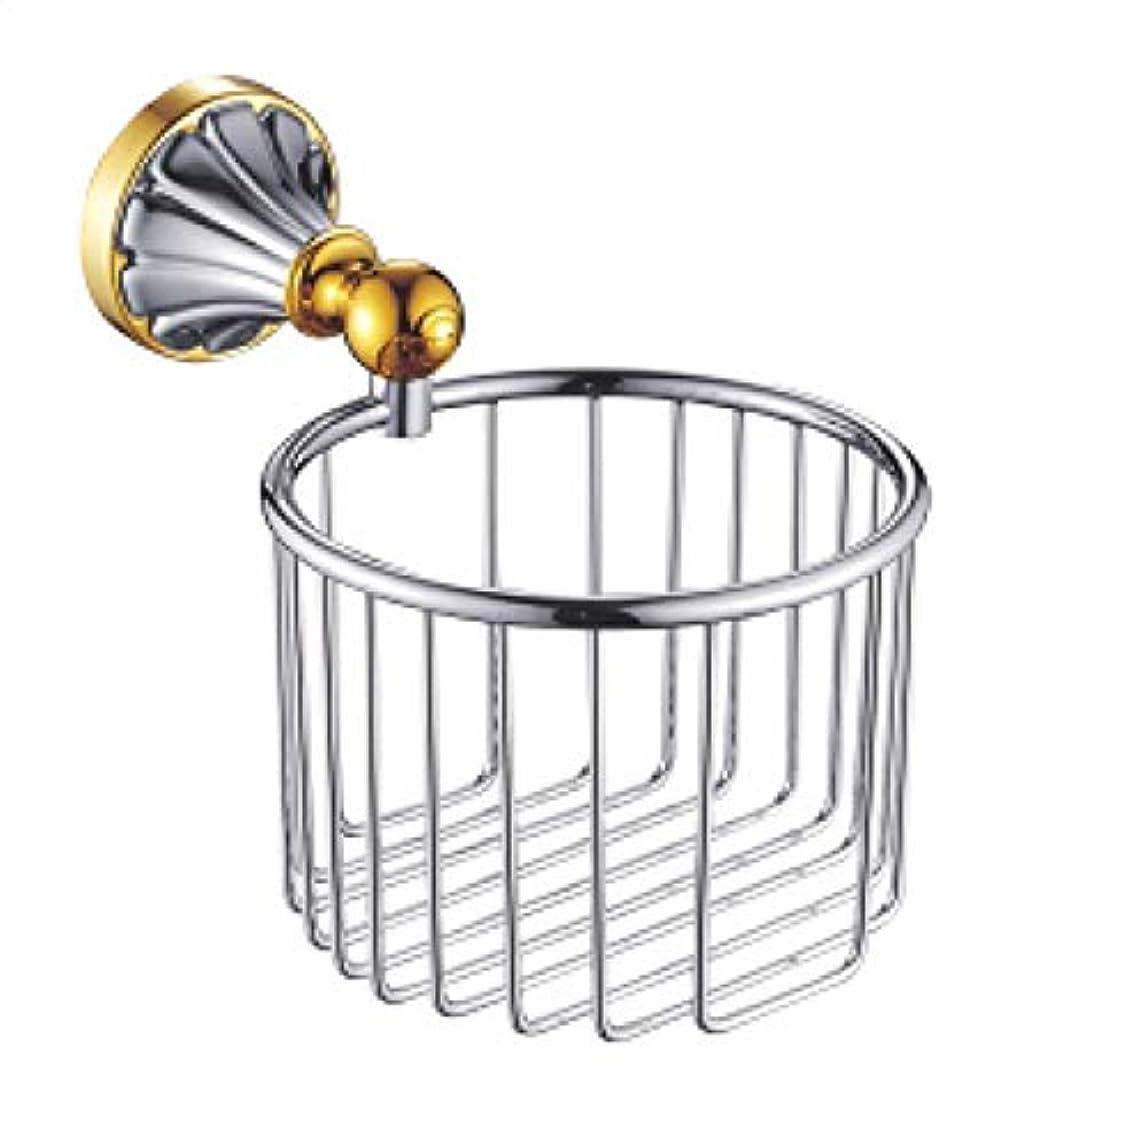 動物園飾る領収書ZZLX 紙タオルホルダー、ヨーロッパスタイルのアンティークゴールド白バスルームトイレットペーパータオル棚 ロングハンドル風呂ブラシ (色 : Gold+chrome)